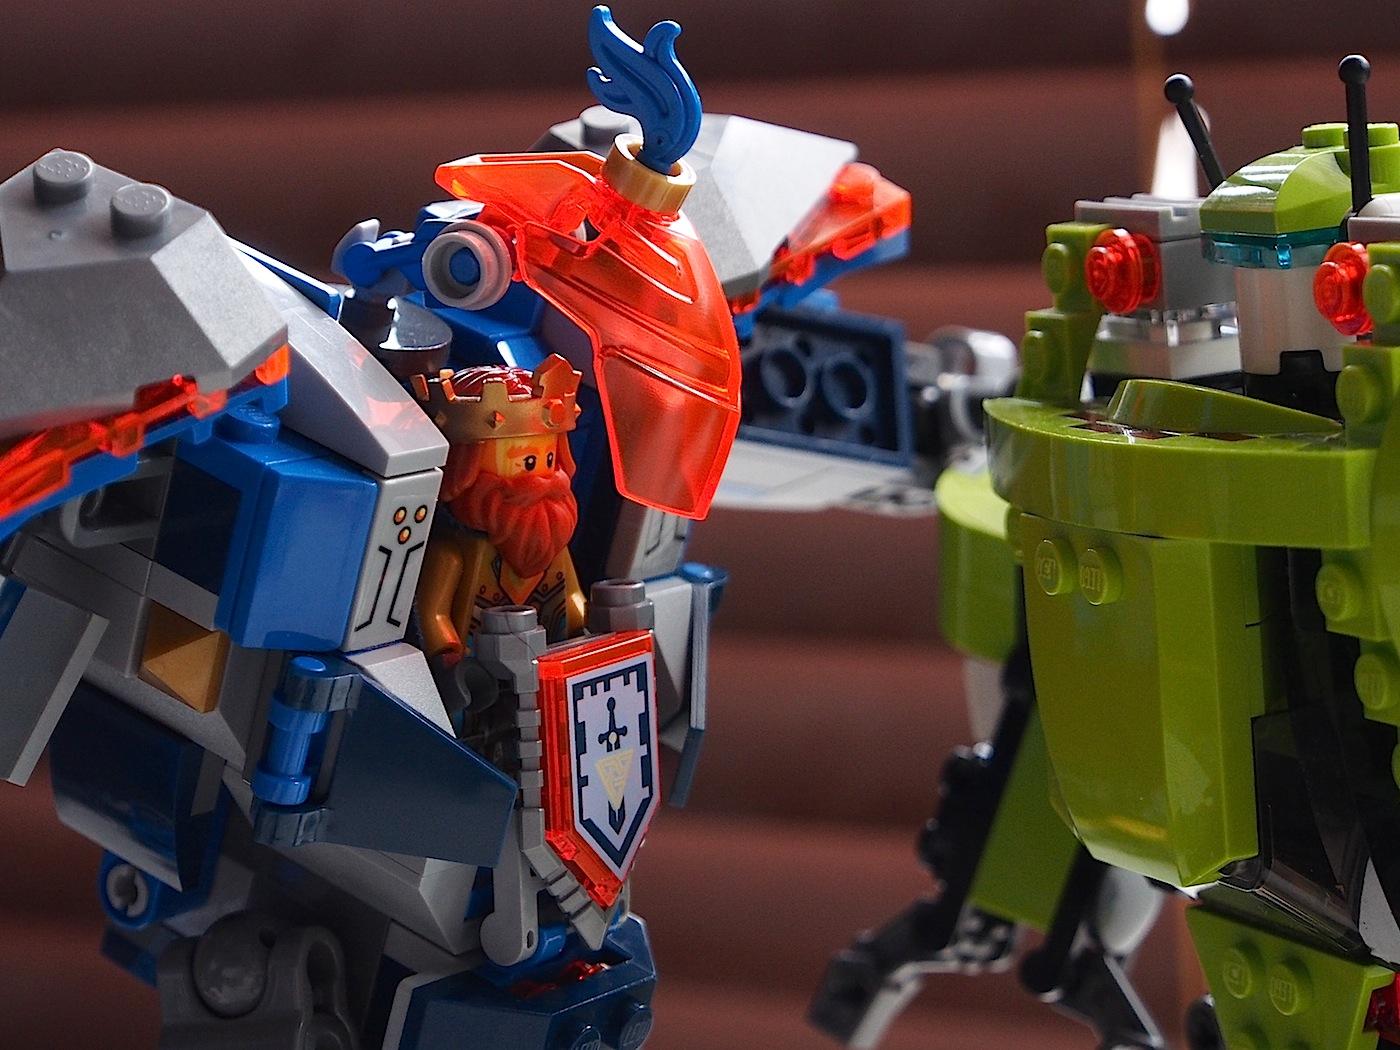 バトルメカとグリーンのロボット